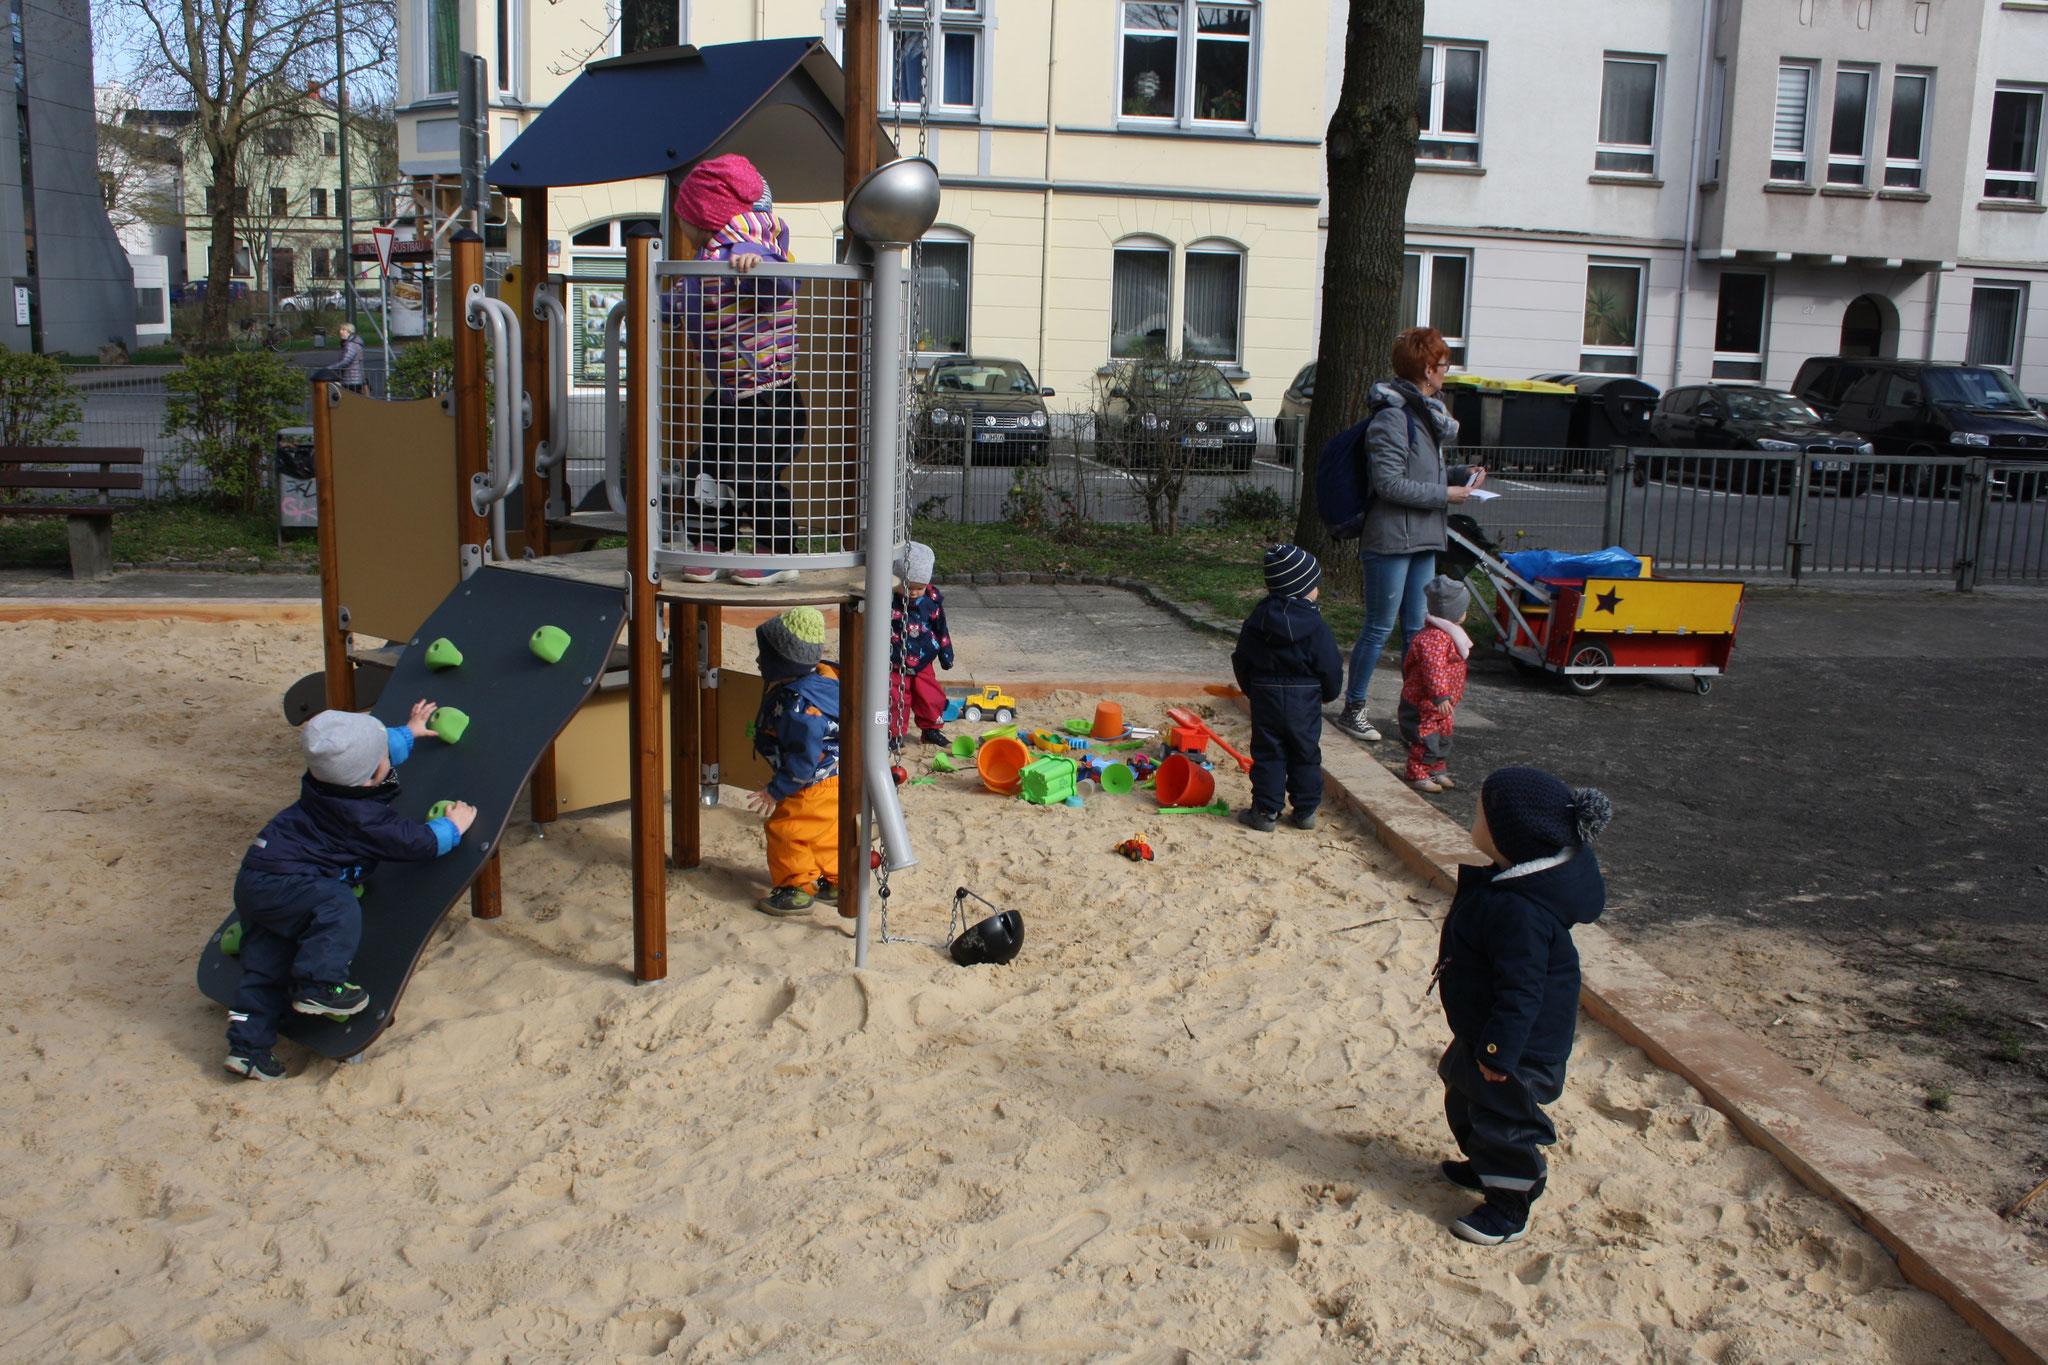 Spielplatz Ravensbergerstraße